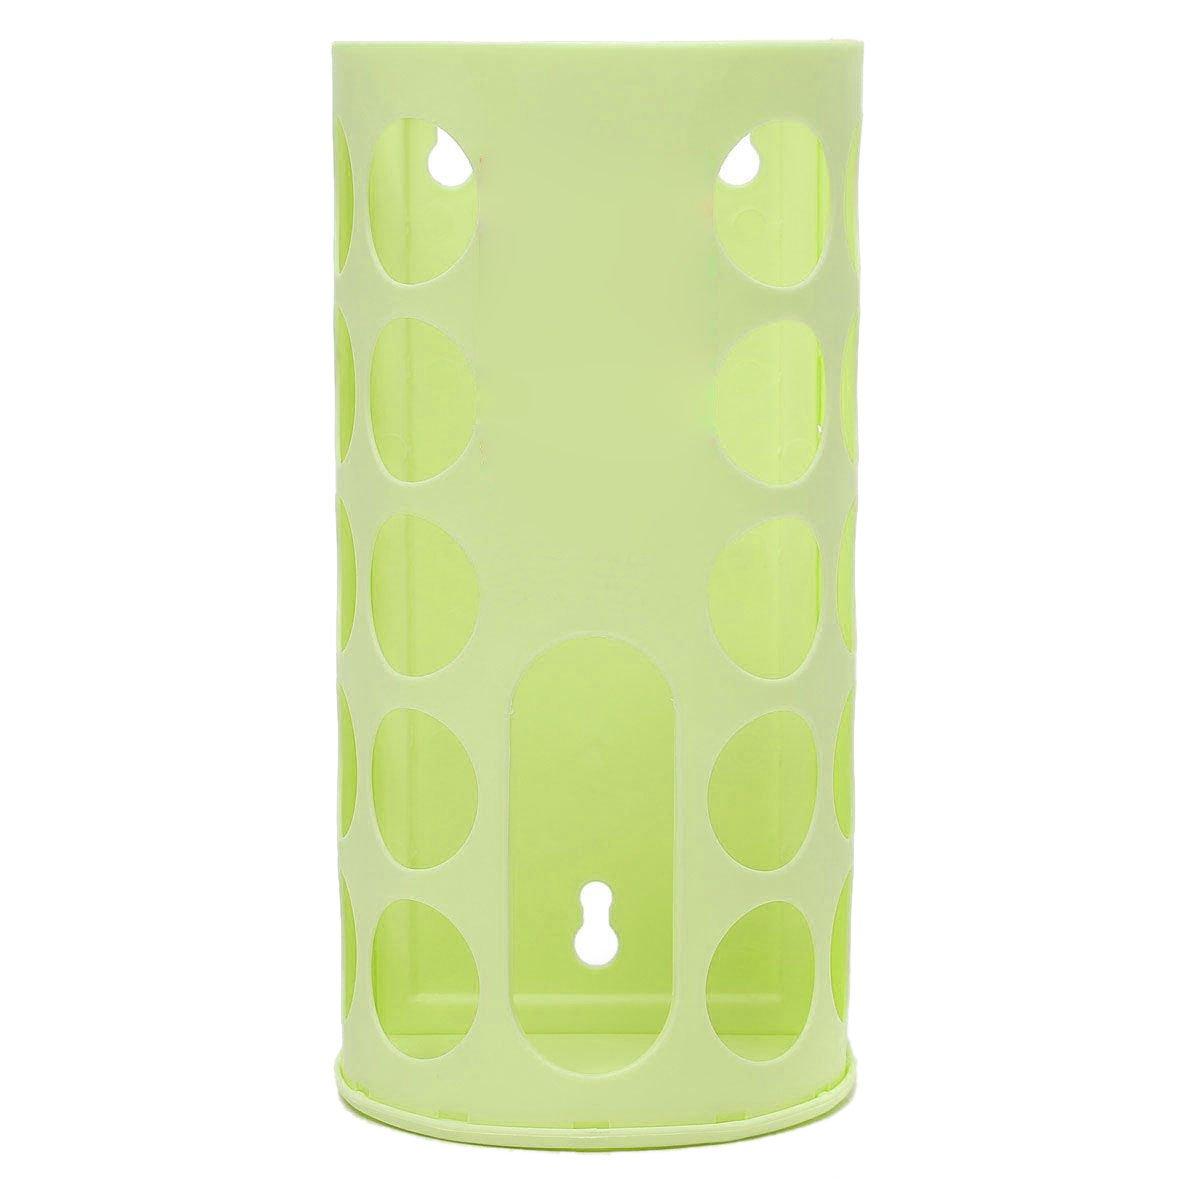 Soporte de bolsa de almacenamiento - SODIAL(R)bolsas de plastico de almacenamiento de compras para vida elegante estante de titular de almacenamiento verde: ...